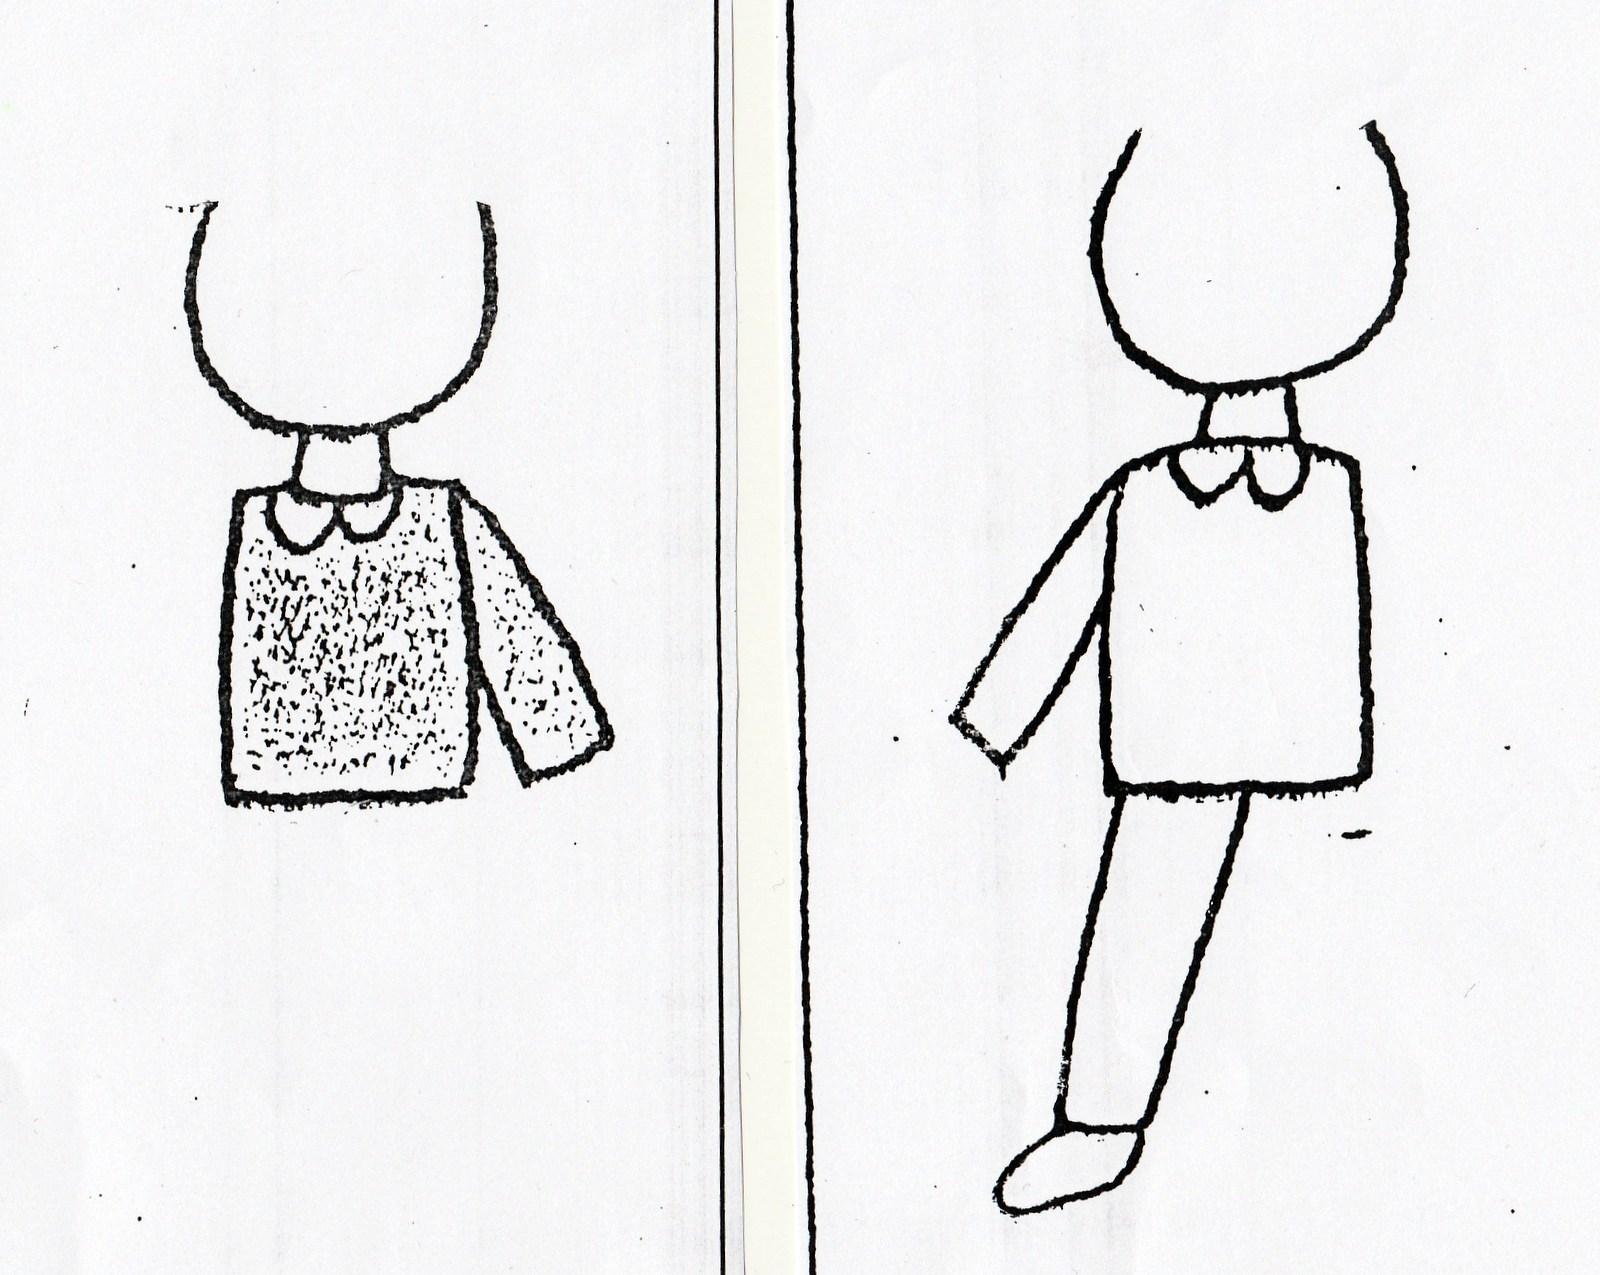 maestra caterina schema corporeo schede di verifica